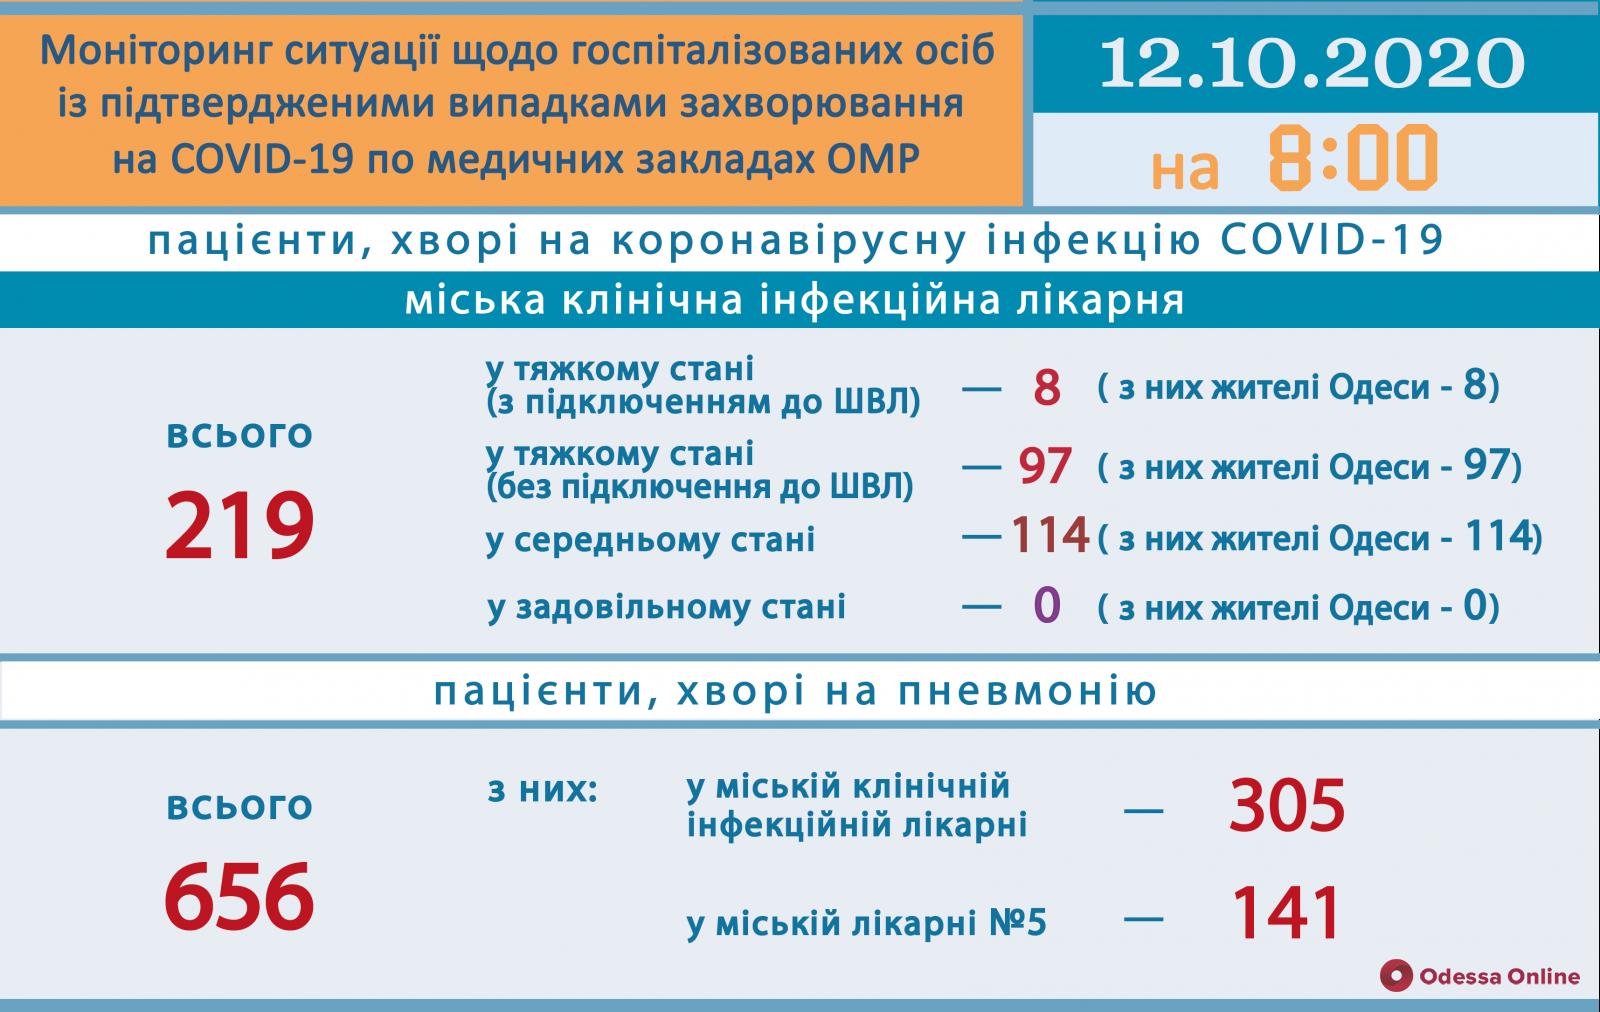 COVID-19: в одесской инфекционке в тяжелом состоянии находятся 105 пациентов